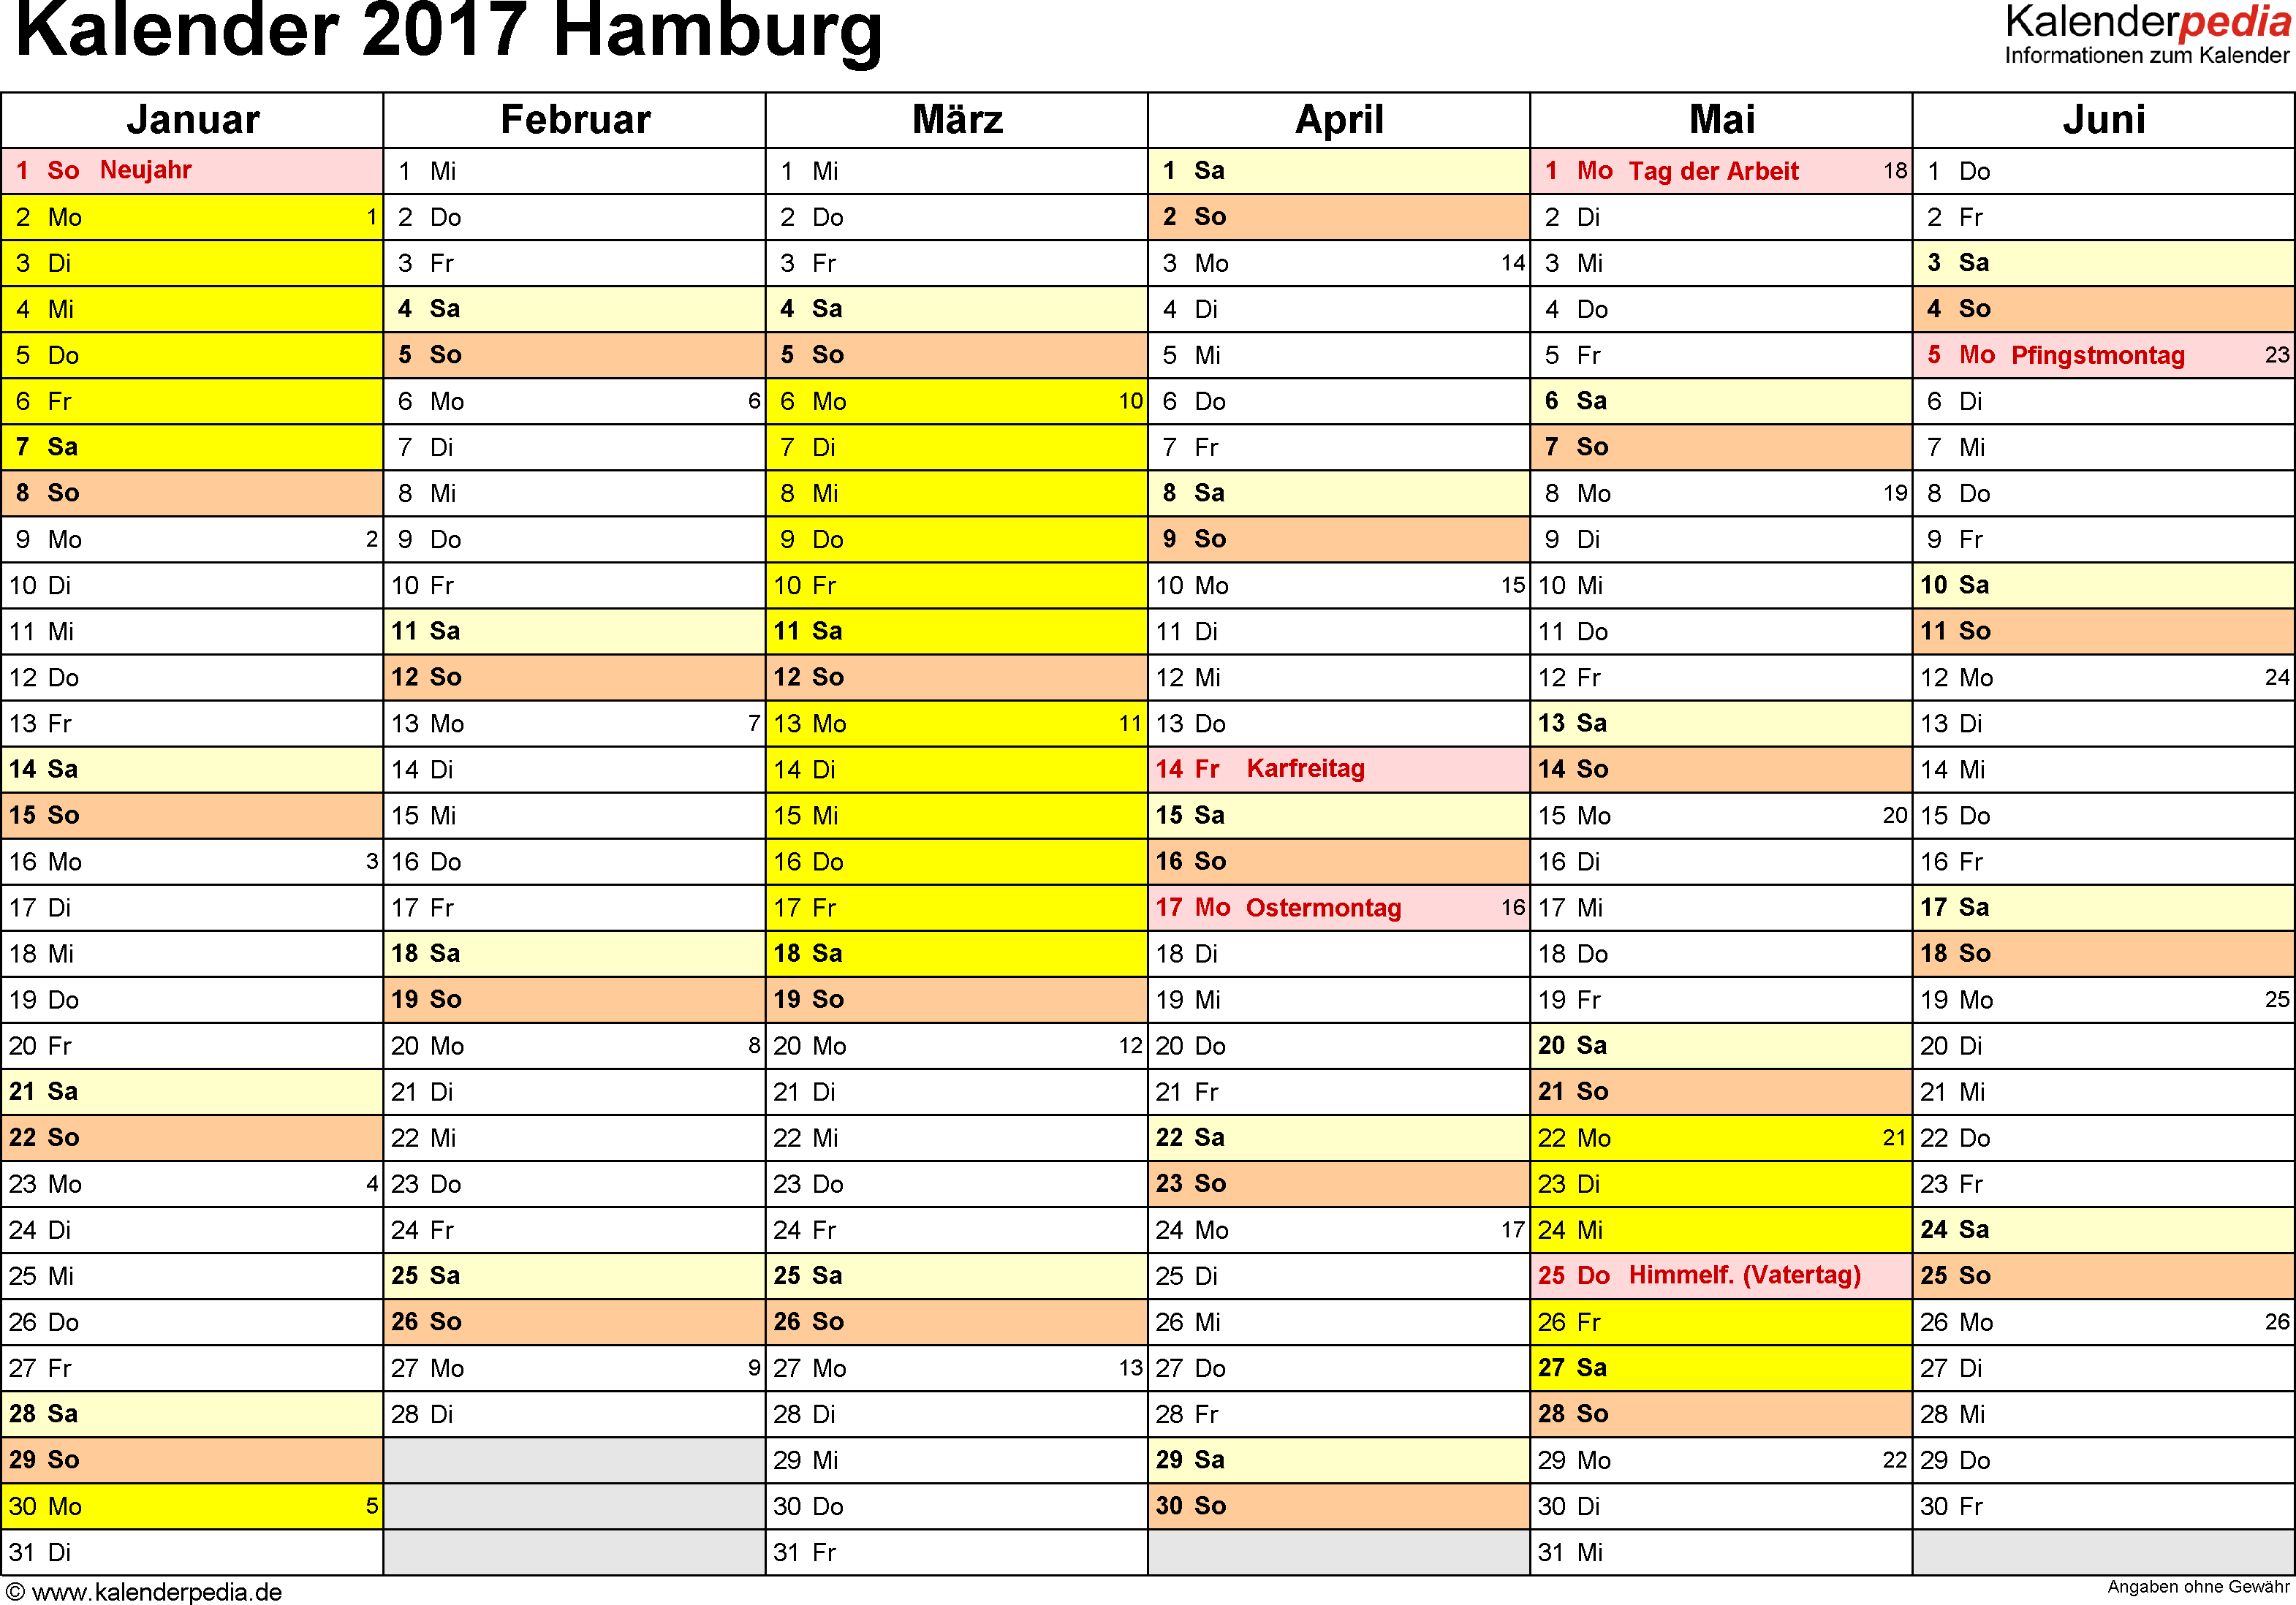 Vorlage 2: Kalender 2017 für Hamburg als PDF-Vorlage (Querformat, 2 Seiten)